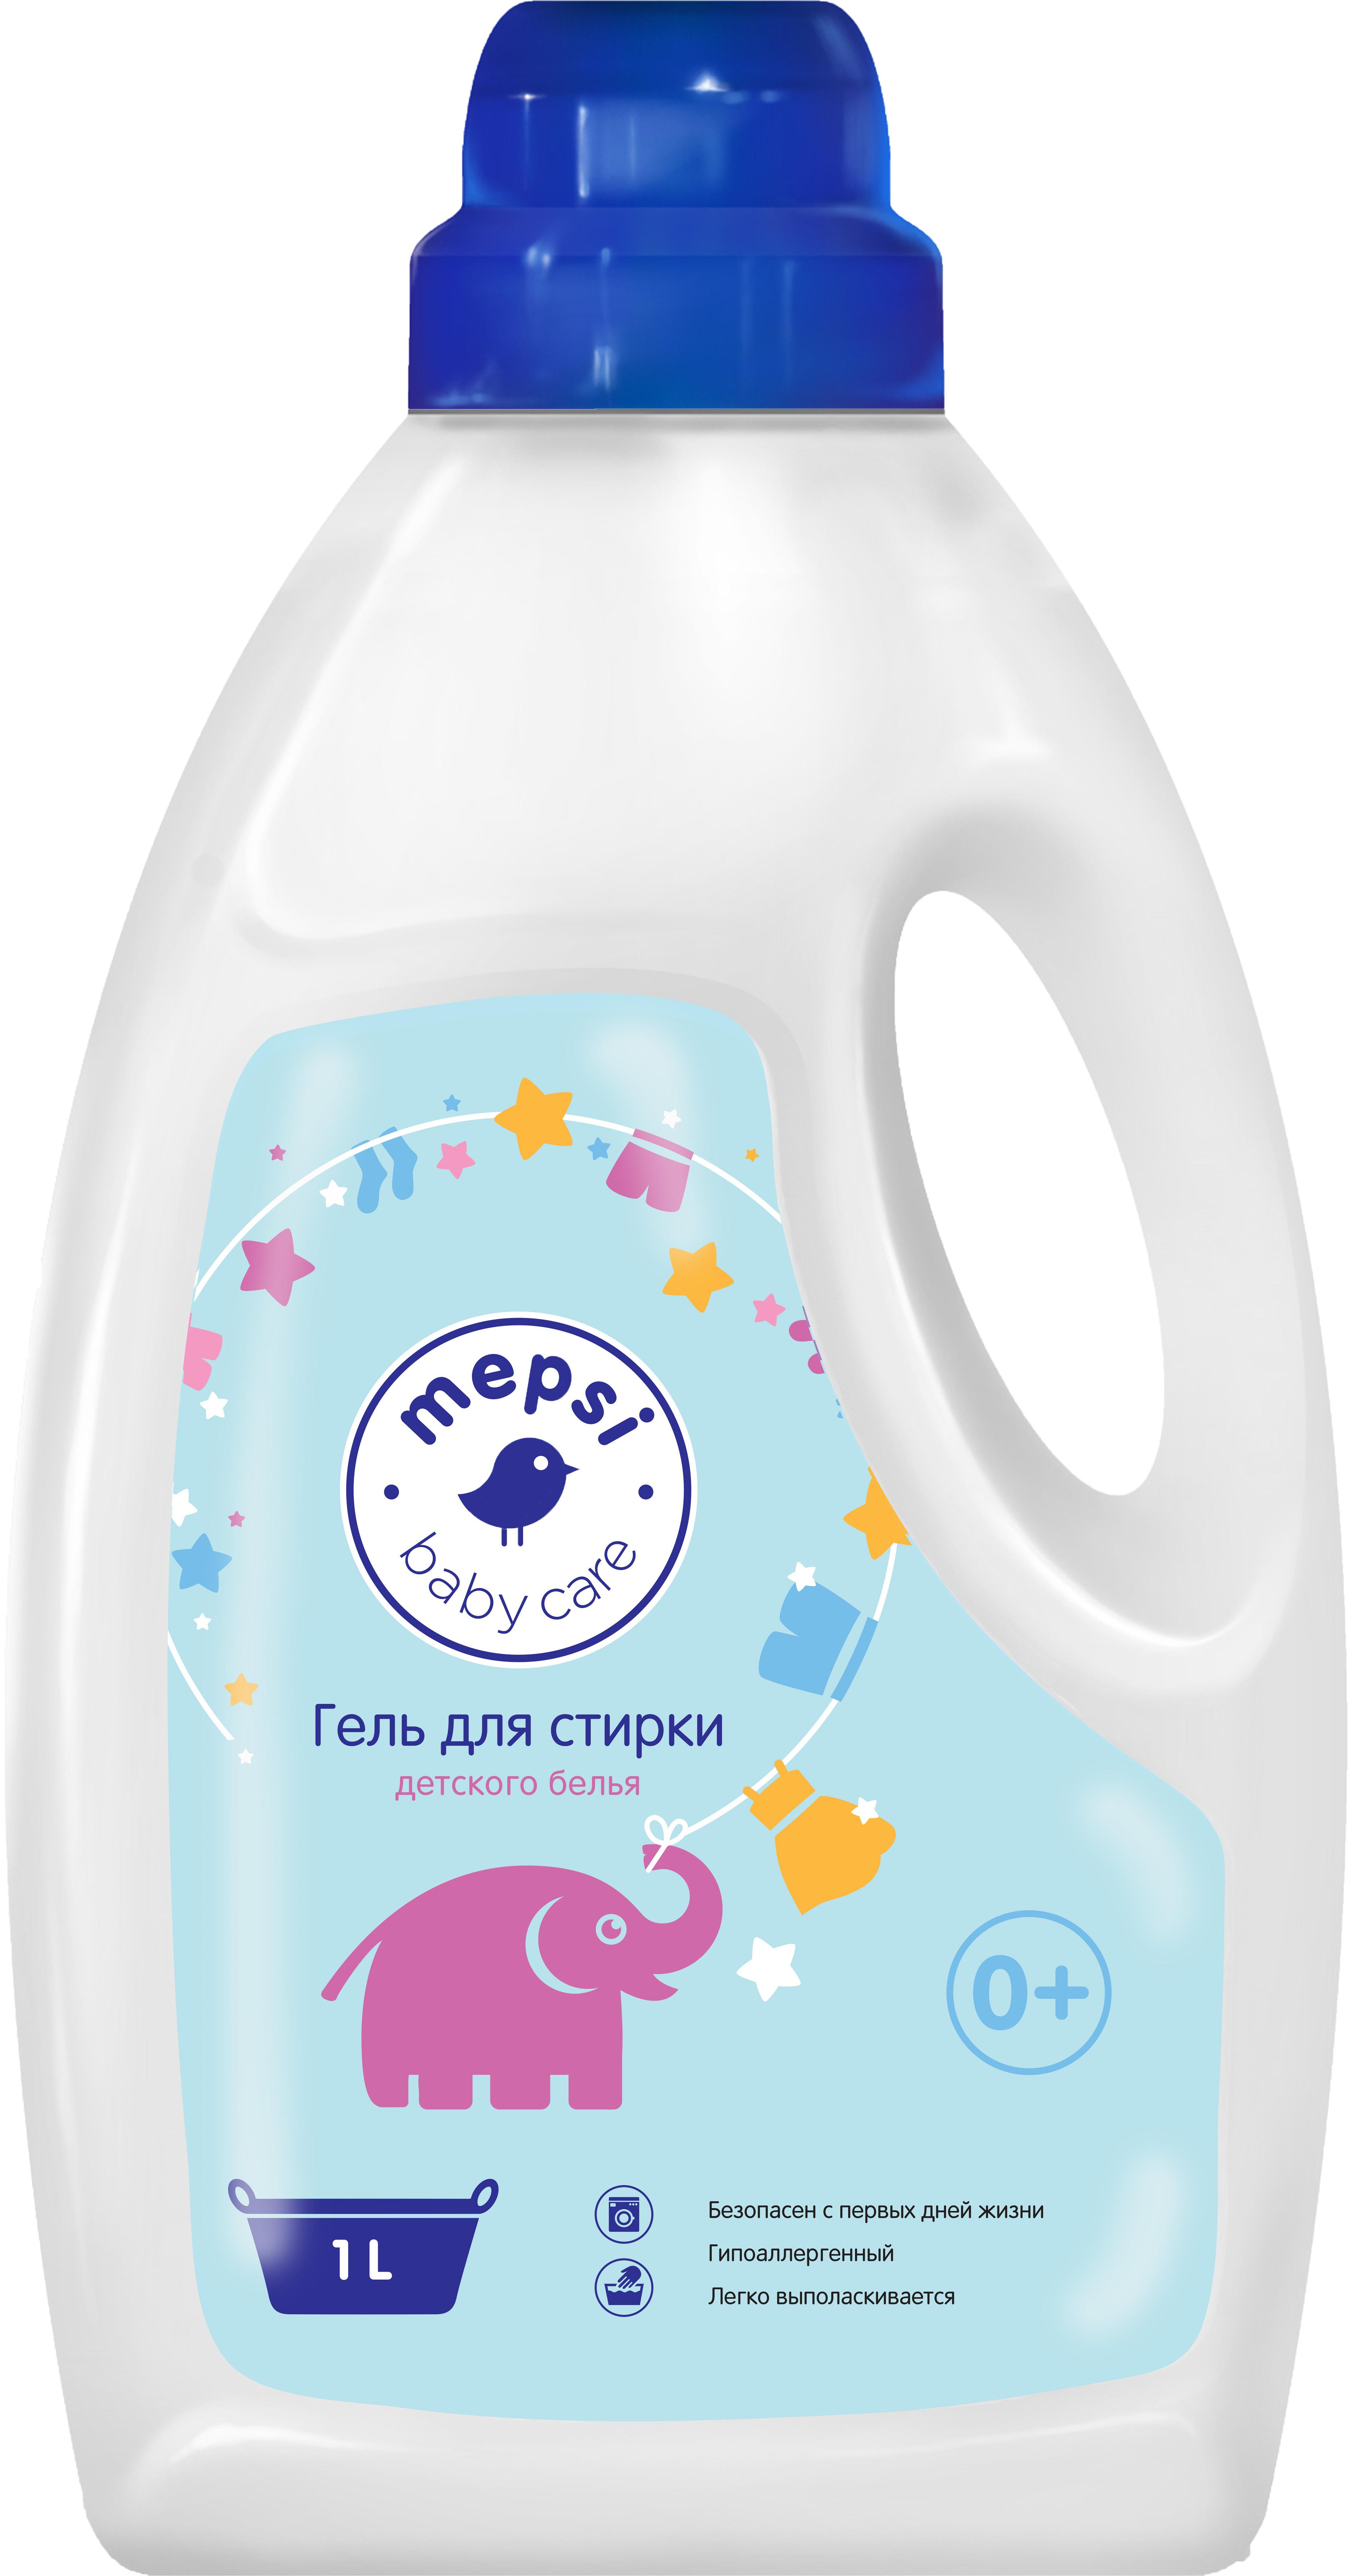 Бытовая химия Mepsi Mepsi 1 л гель для стирки liq арома капсулы 1 л 900215